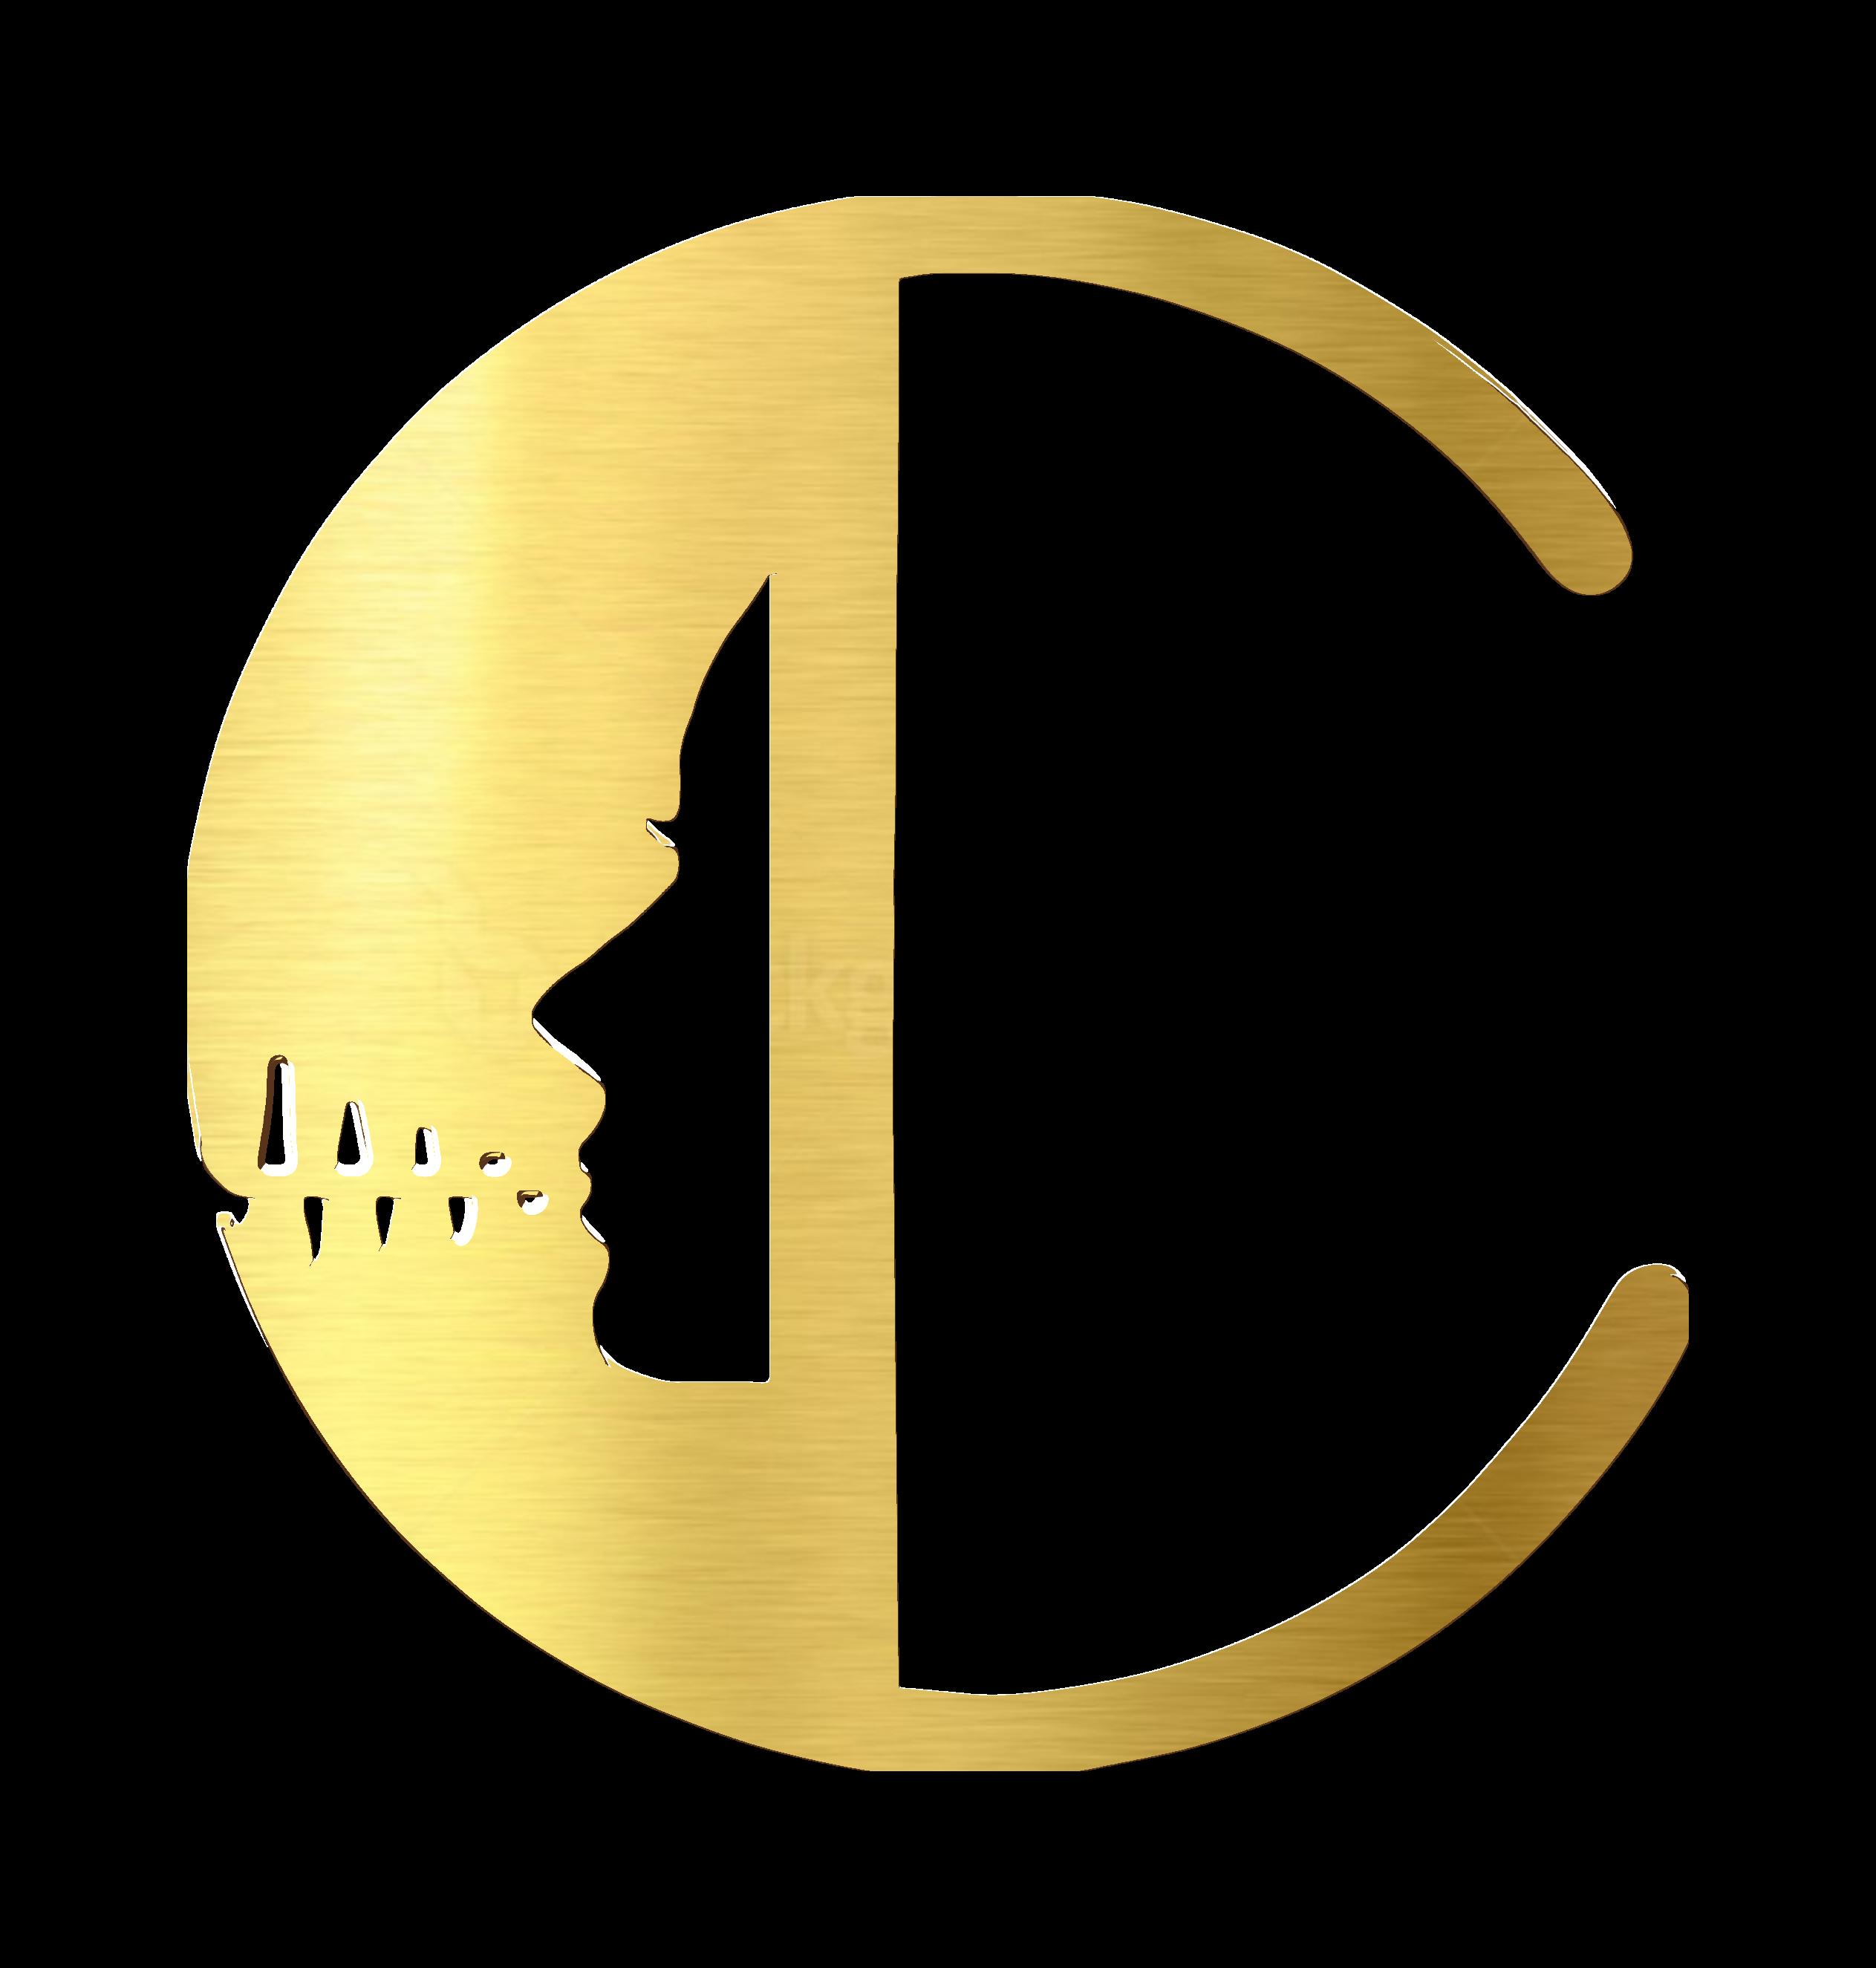 C als Logo. C steht für Claudia und für Conen.